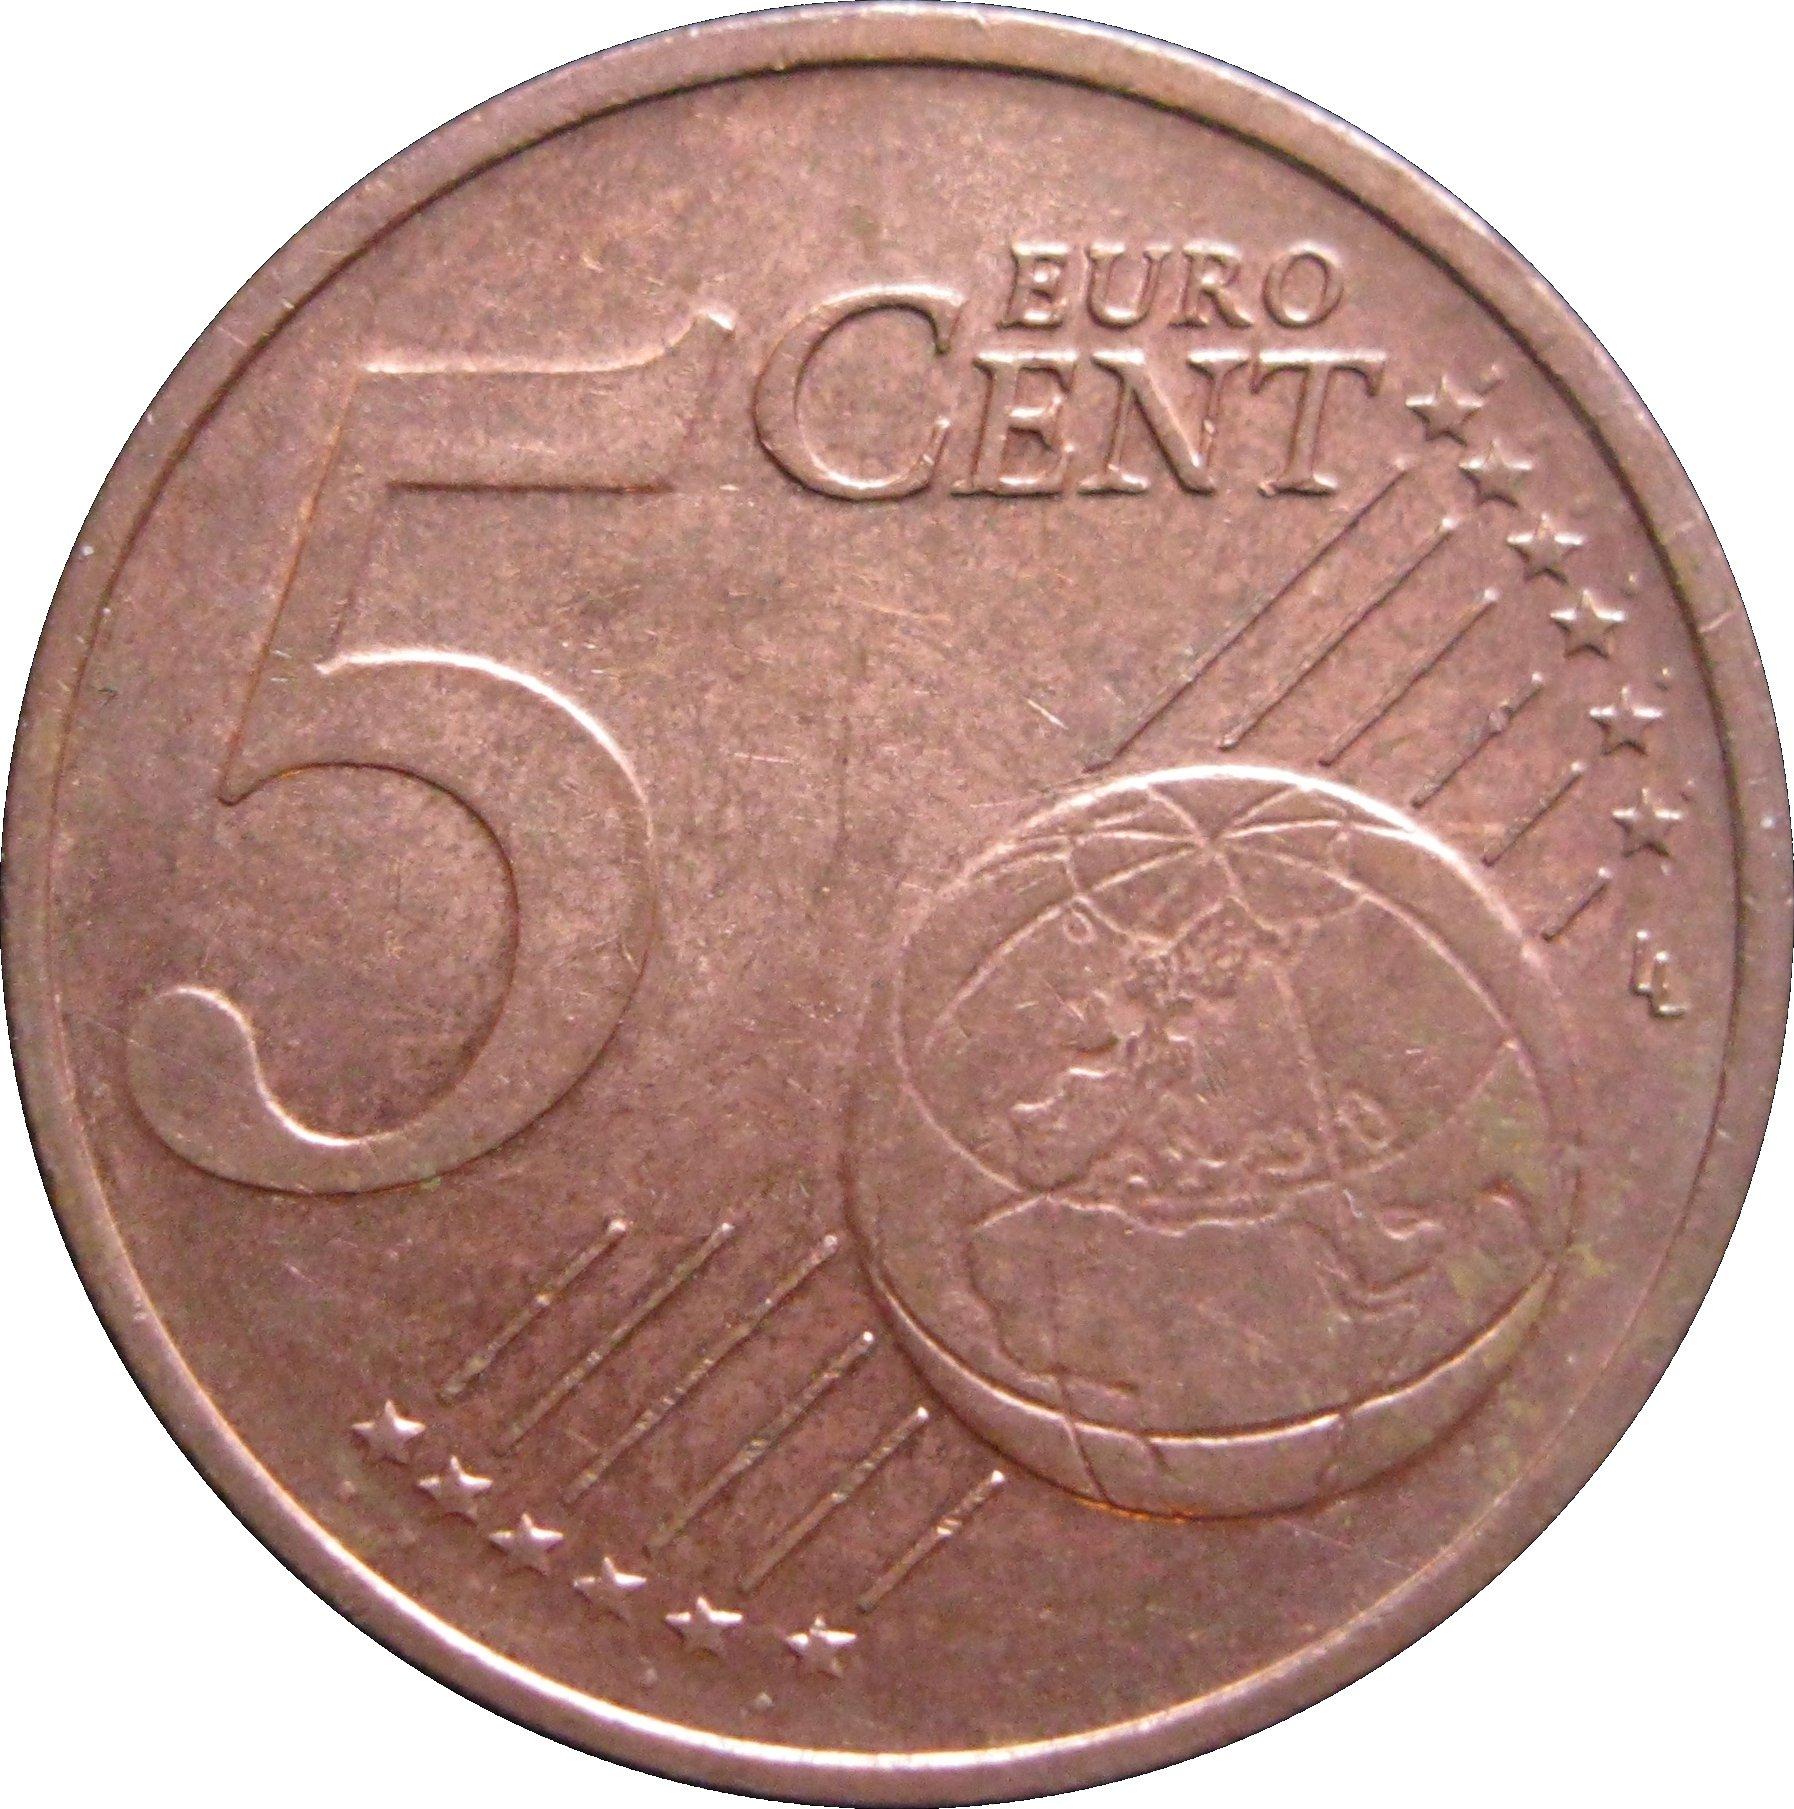 5 Cents Deuro Allemagne République Fédérale Numista